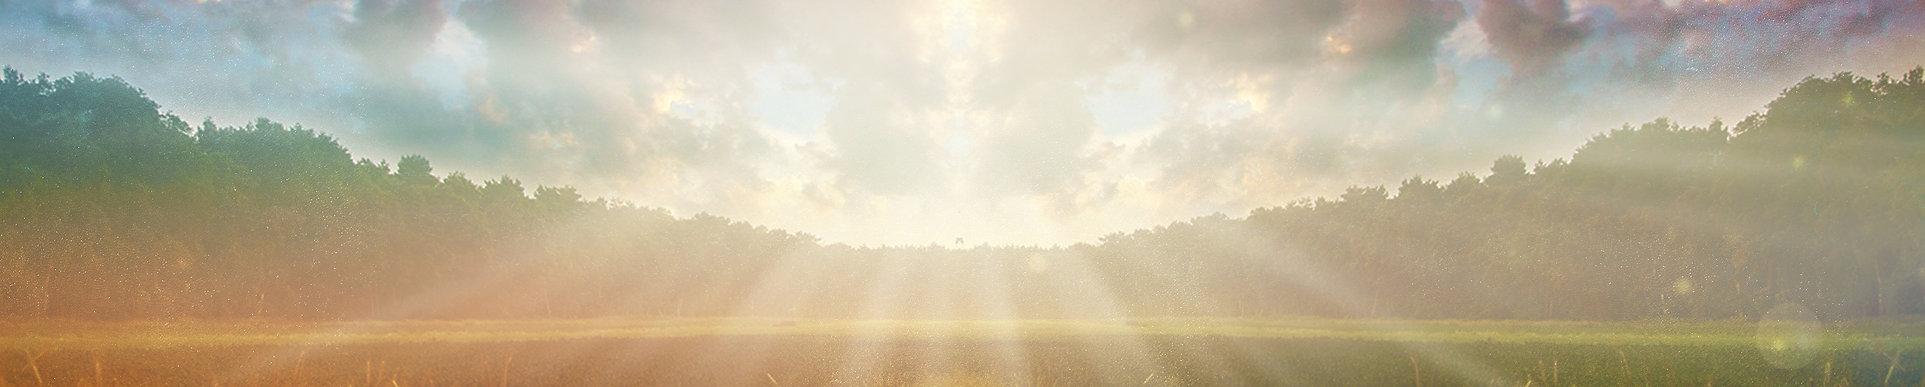 The_God_of_Hope_web.jpg